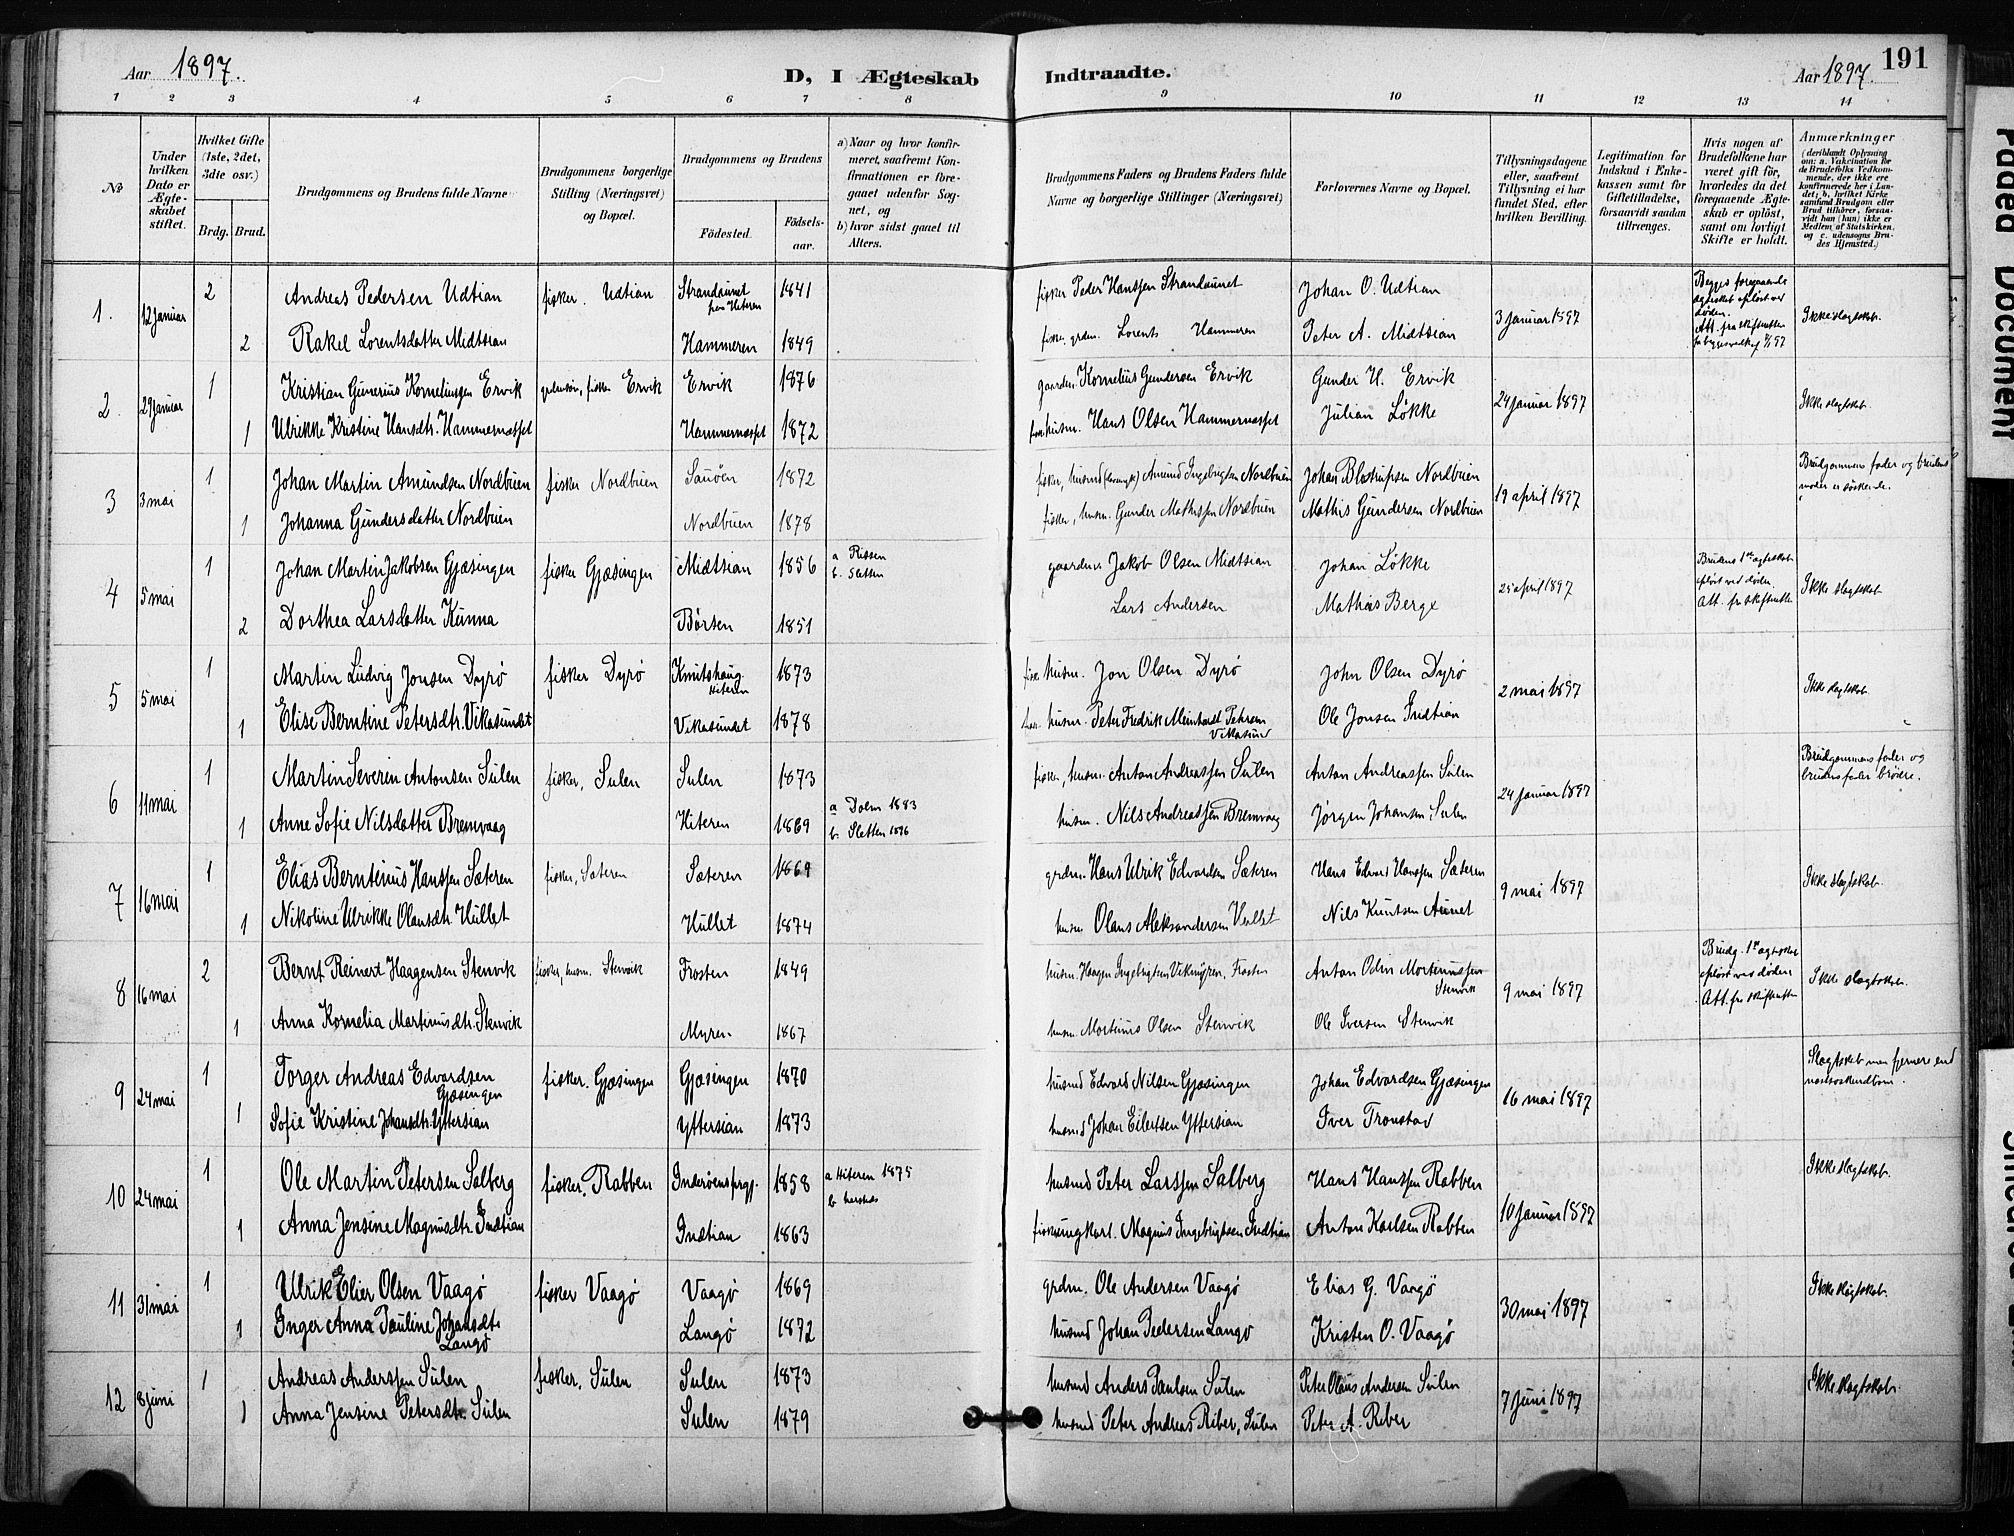 SAT, Ministerialprotokoller, klokkerbøker og fødselsregistre - Sør-Trøndelag, 640/L0579: Ministerialbok nr. 640A04, 1889-1902, s. 191